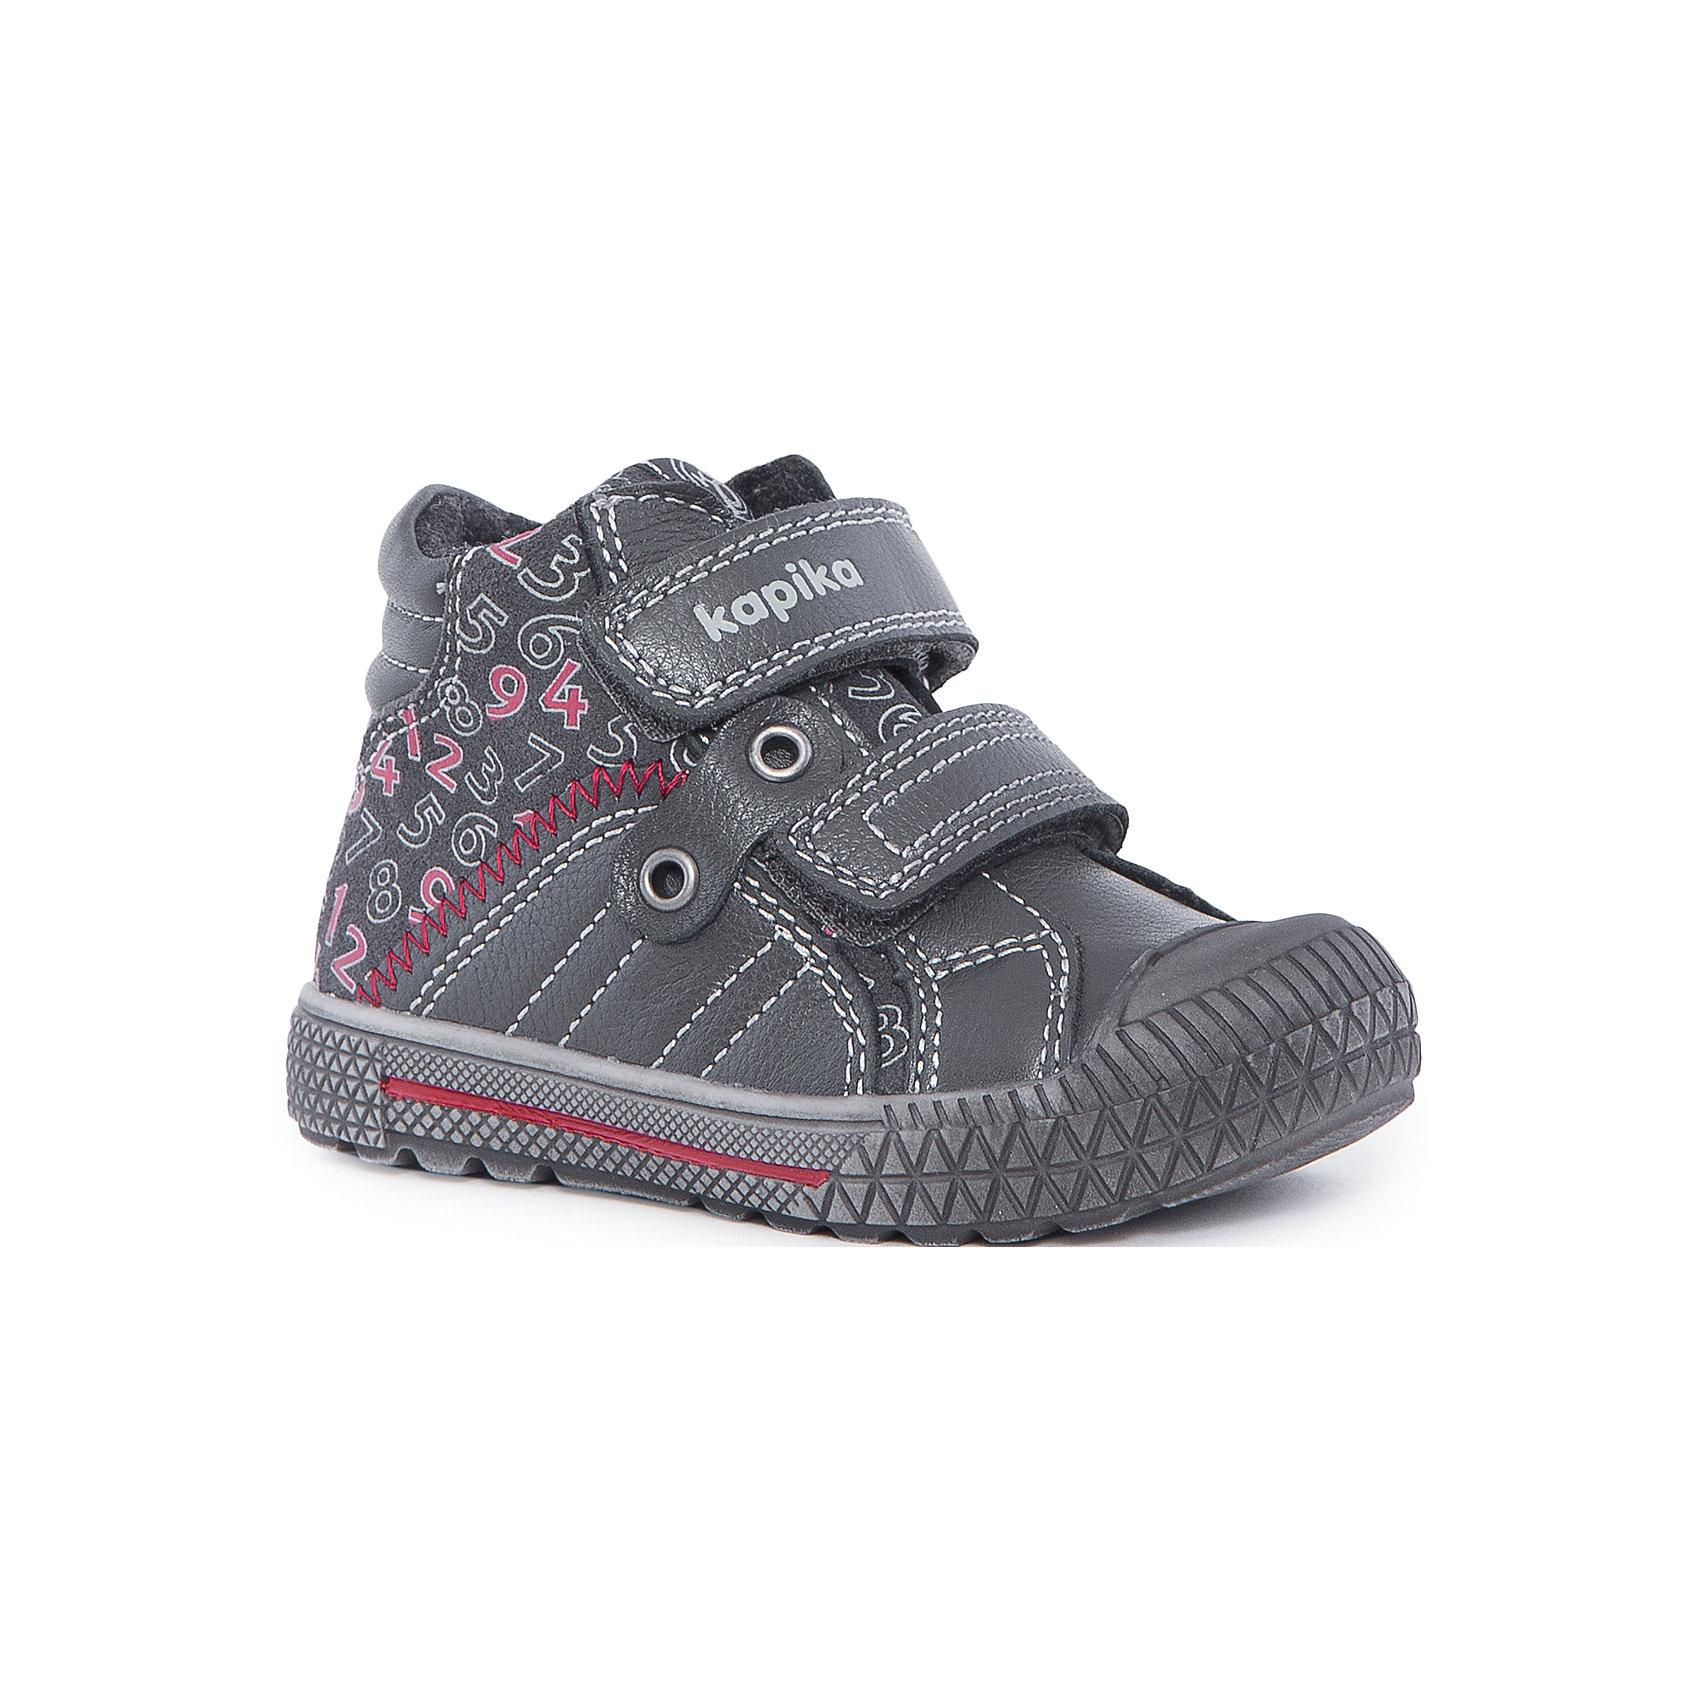 Ботинки для мальчика KAPIKAОбувь для малышей<br>Ботинки для мальчика KAPIKA – стиль, красота и тепло.<br>Красивые модные ботинки из натуральной кожи делают ходьбу комфортной и теплой. Ботинки сделаны с жестким задником и супинатором для правильного формирования ступни. Хорошо прилегают к ноге, закрепляясь двумя липучками. Прорезиненный нос и подошва.<br><br>Дополнительная информация:<br><br>- материал верха: натуральная кожа/искусственная кожа<br>- цвет: серо-черные<br><br>Ботинки для мальчика KAPIKA можно купить в нашем интернет магазине.<br><br>Ширина мм: 262<br>Глубина мм: 176<br>Высота мм: 97<br>Вес г: 427<br>Цвет: серый<br>Возраст от месяцев: 21<br>Возраст до месяцев: 24<br>Пол: Мужской<br>Возраст: Детский<br>Размер: 24,21,22,23<br>SKU: 4988000